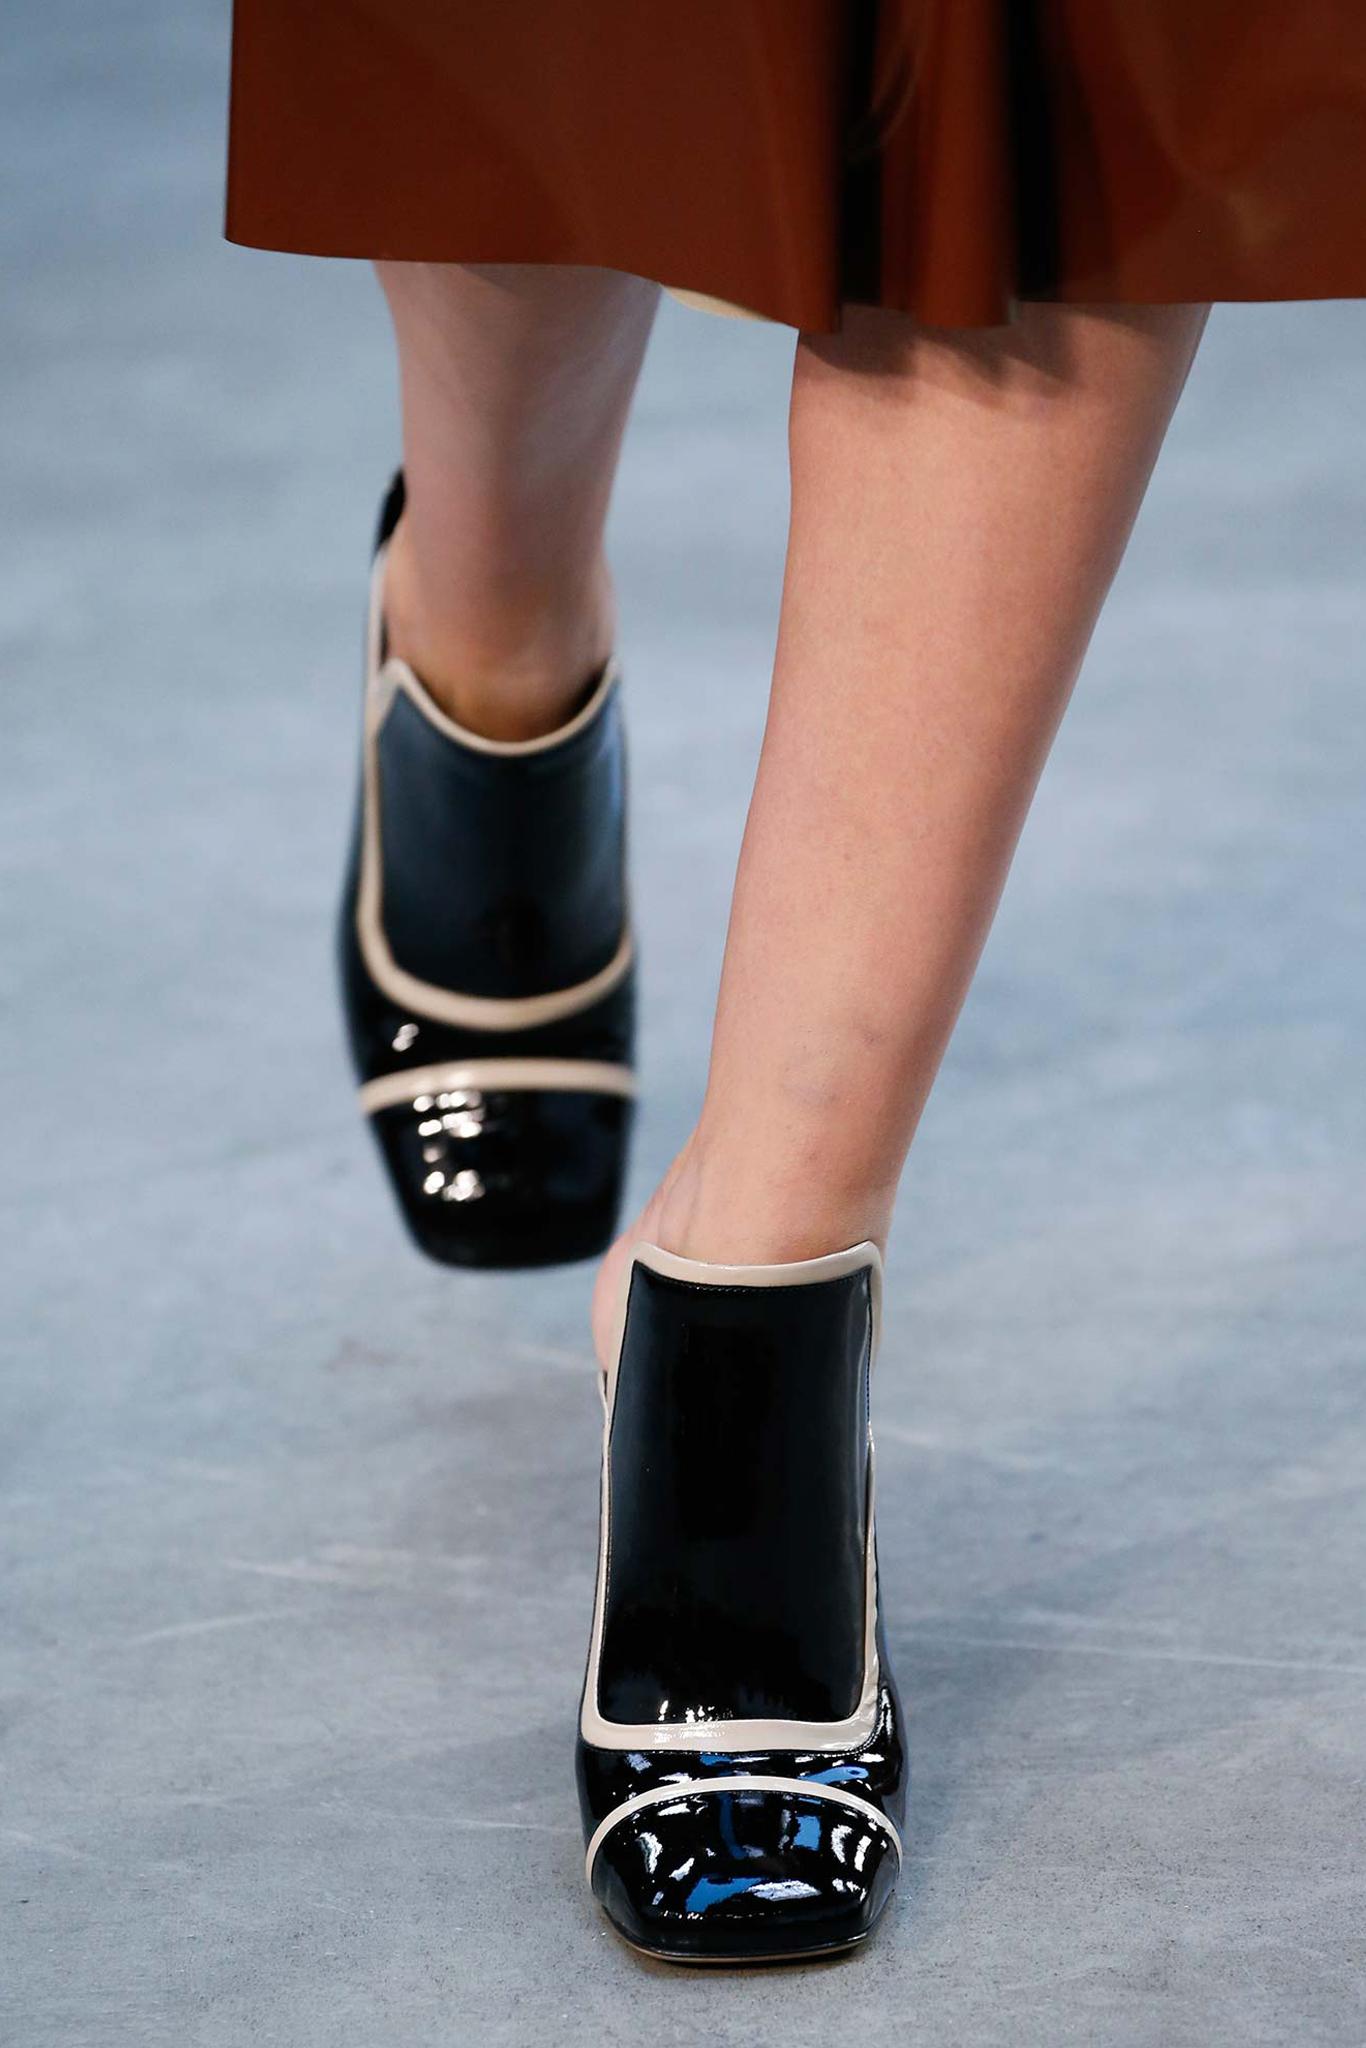 33-derek-lam-shoes.jpg